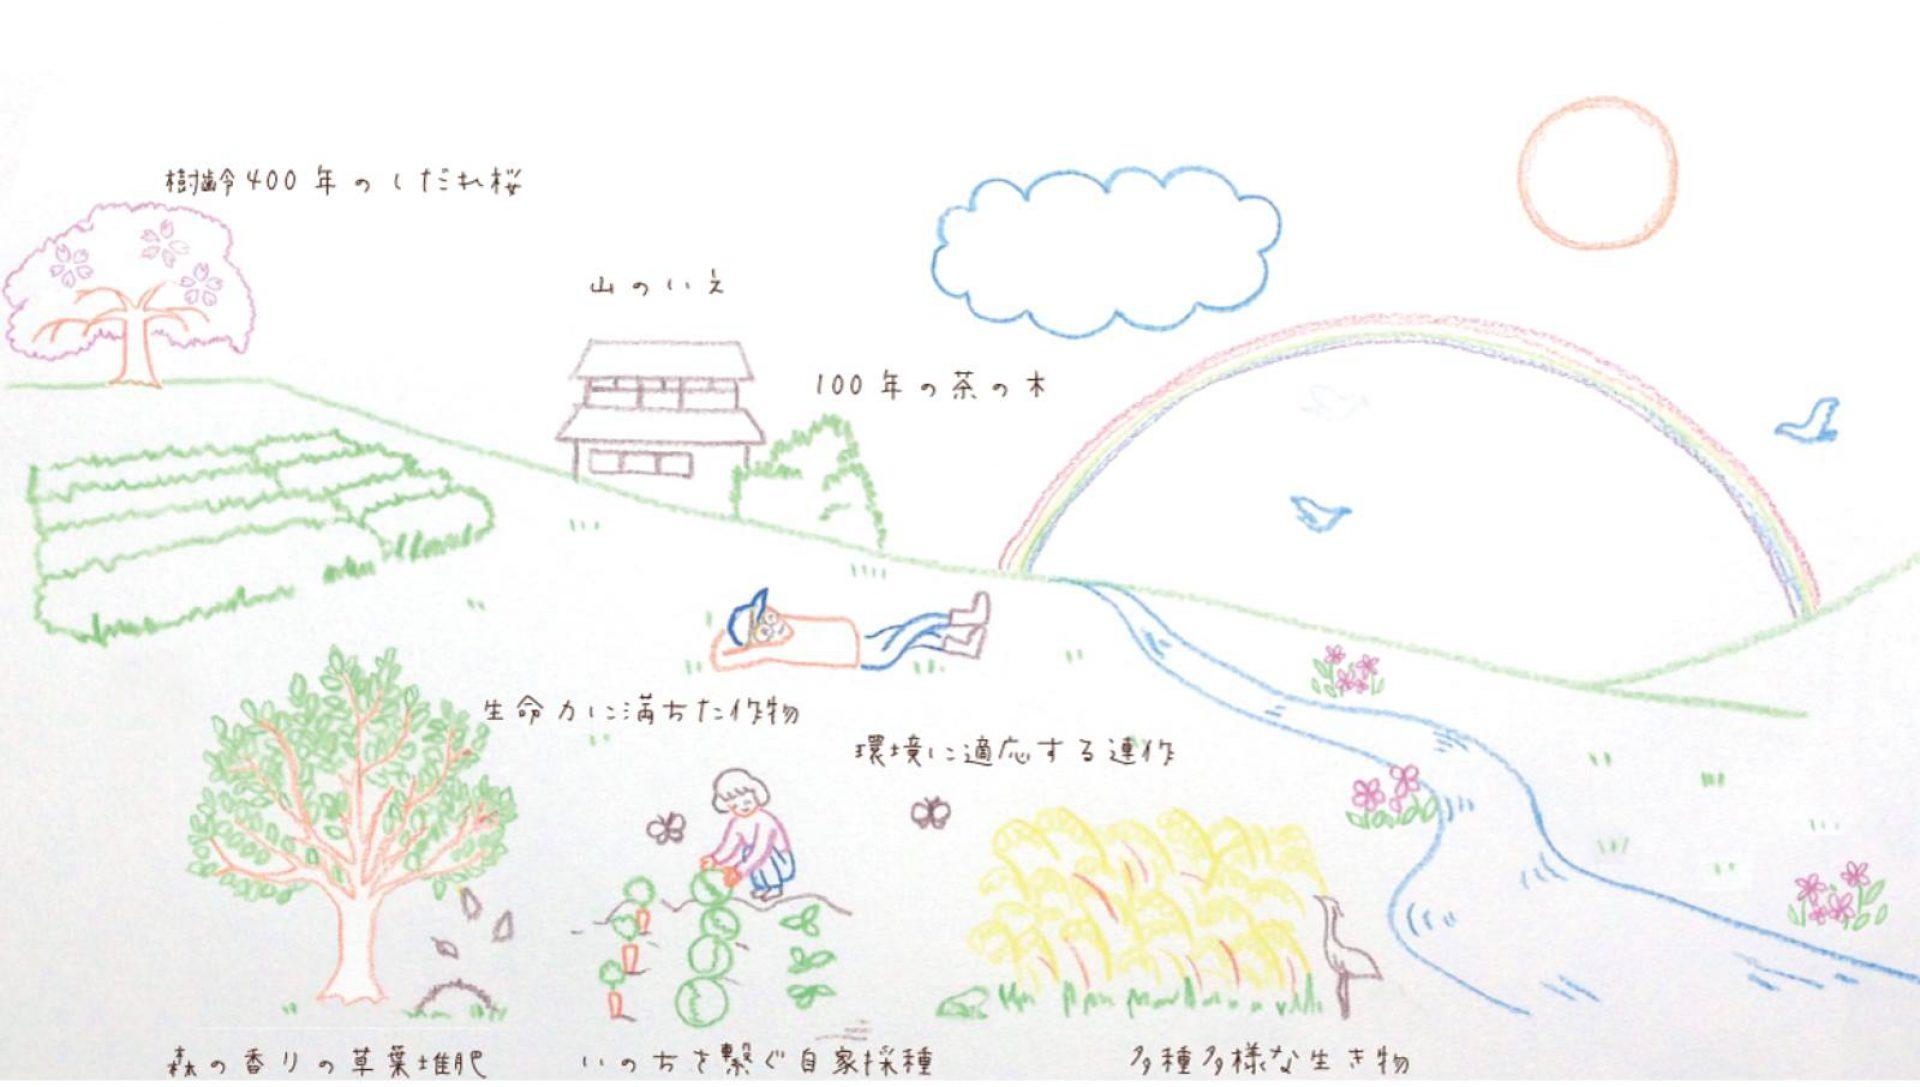 山のいえ | 信楽 山本農園